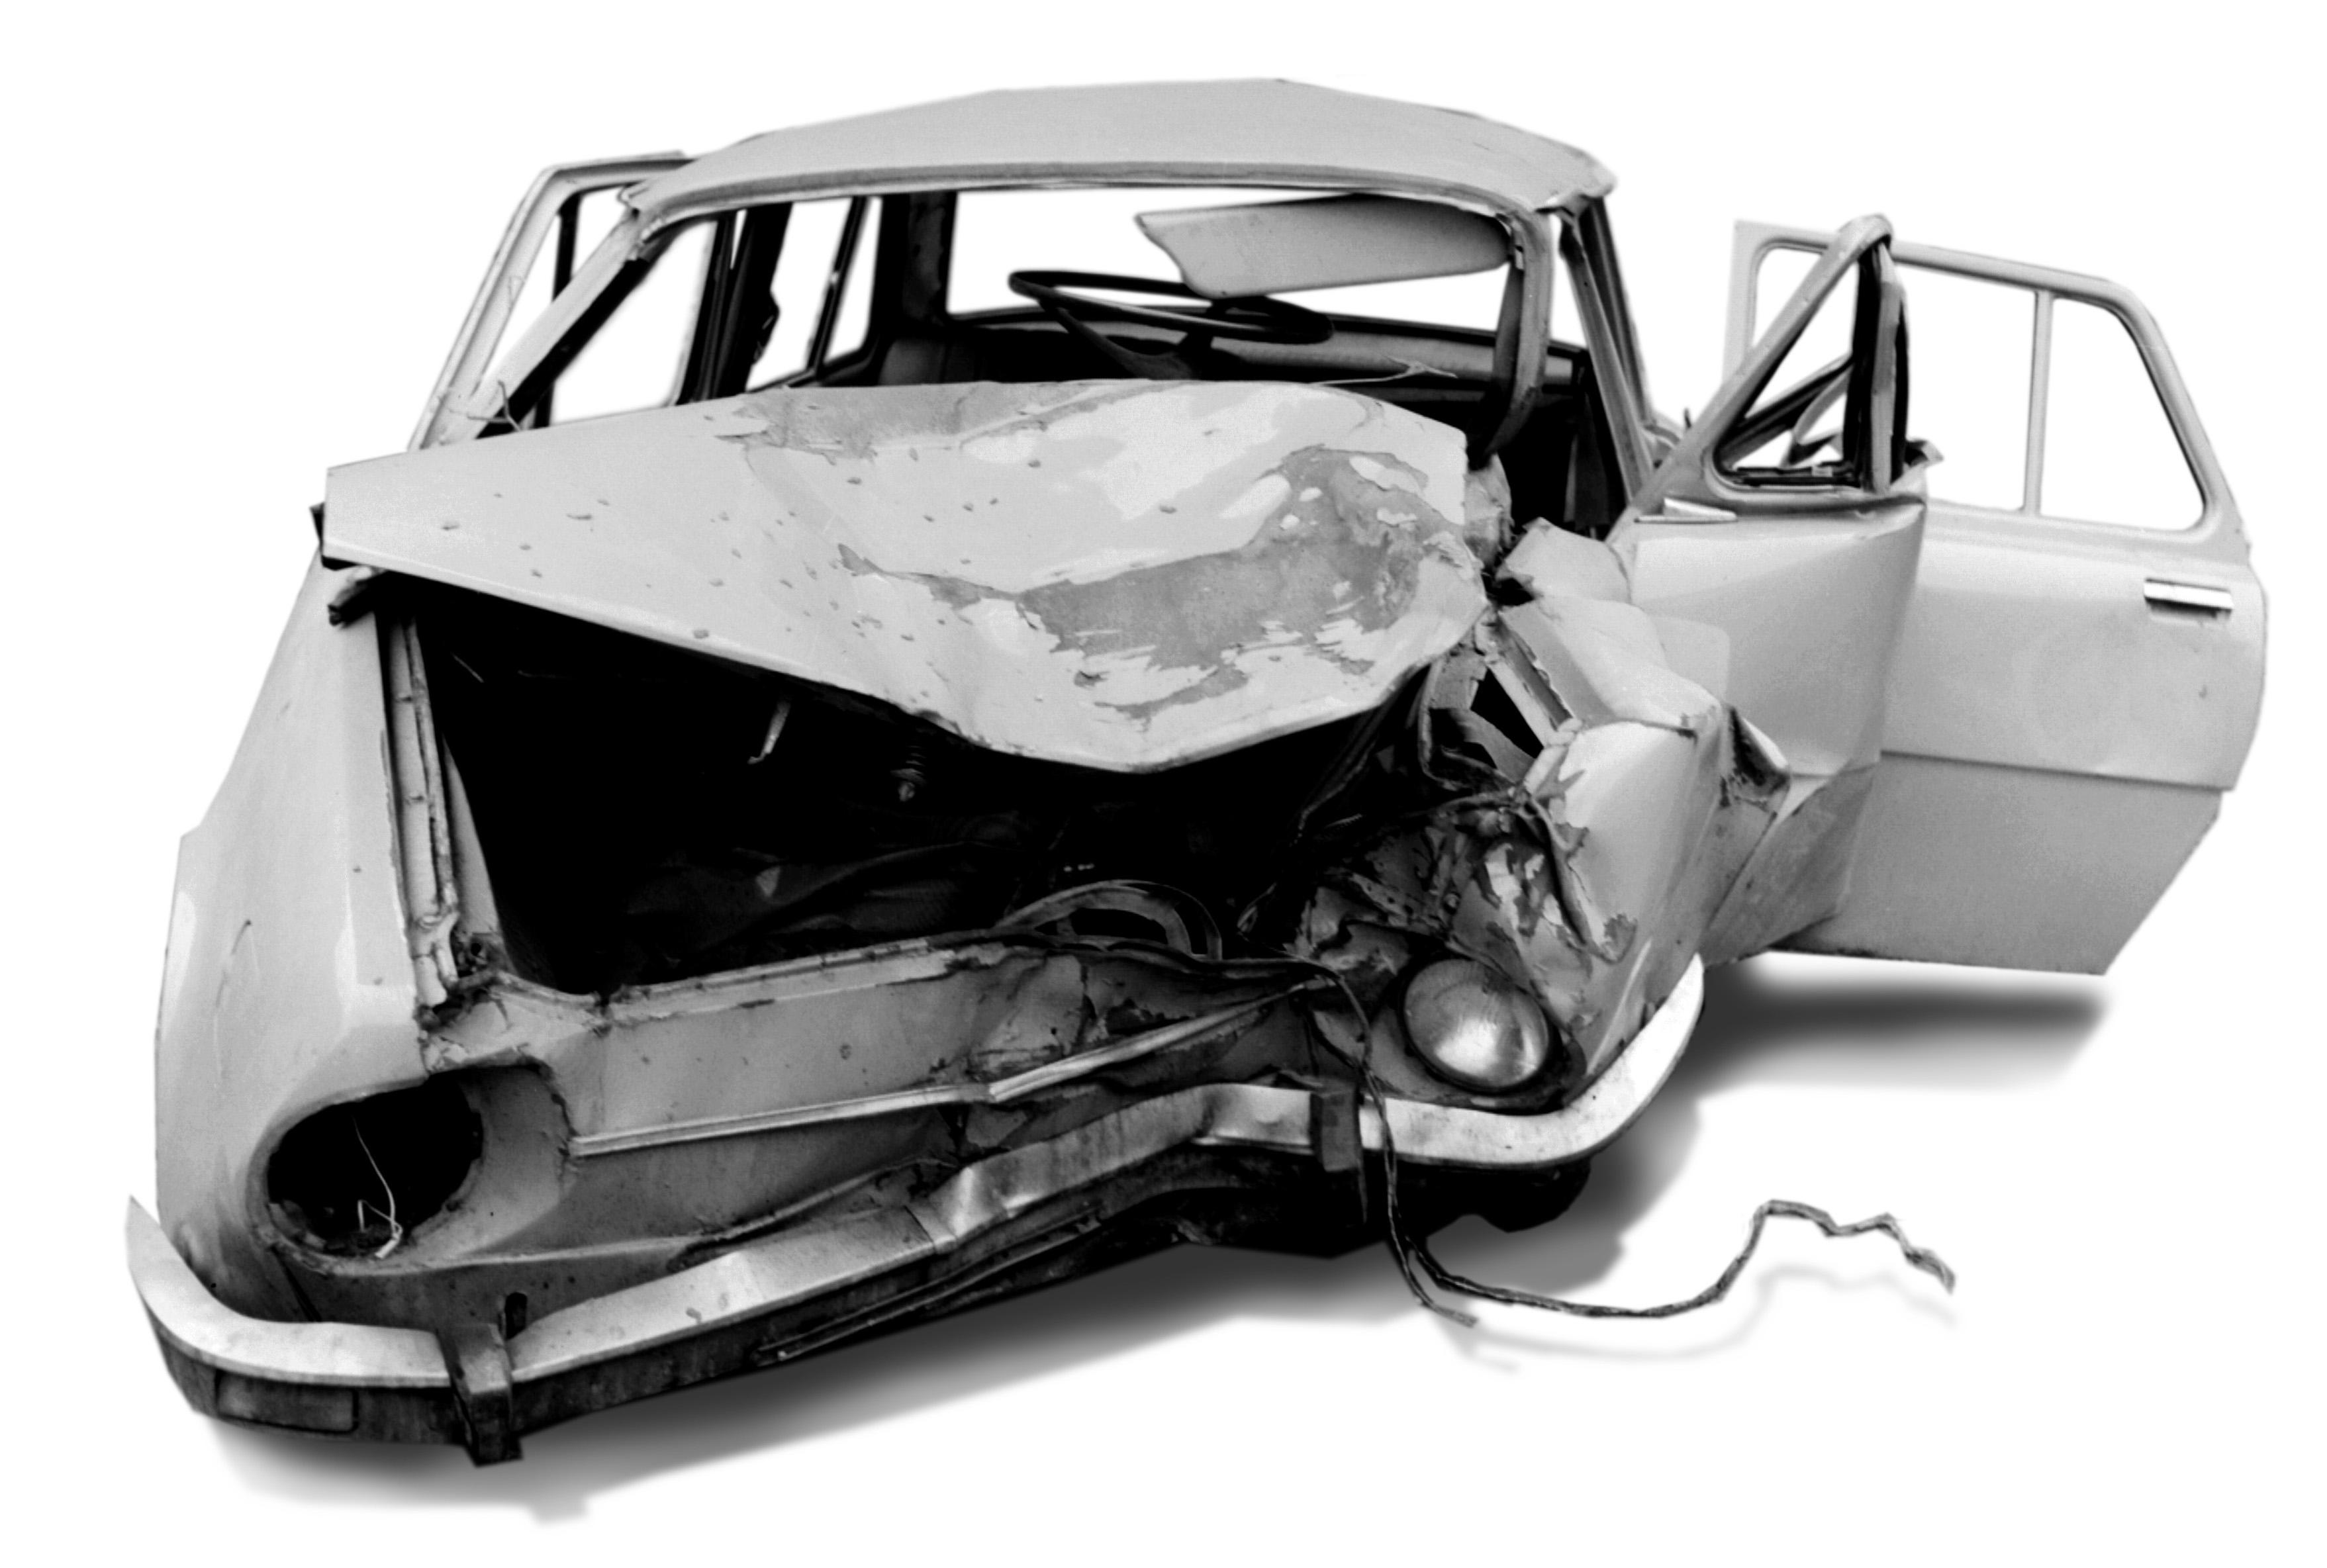 One Car Accident Samantha Gotsch